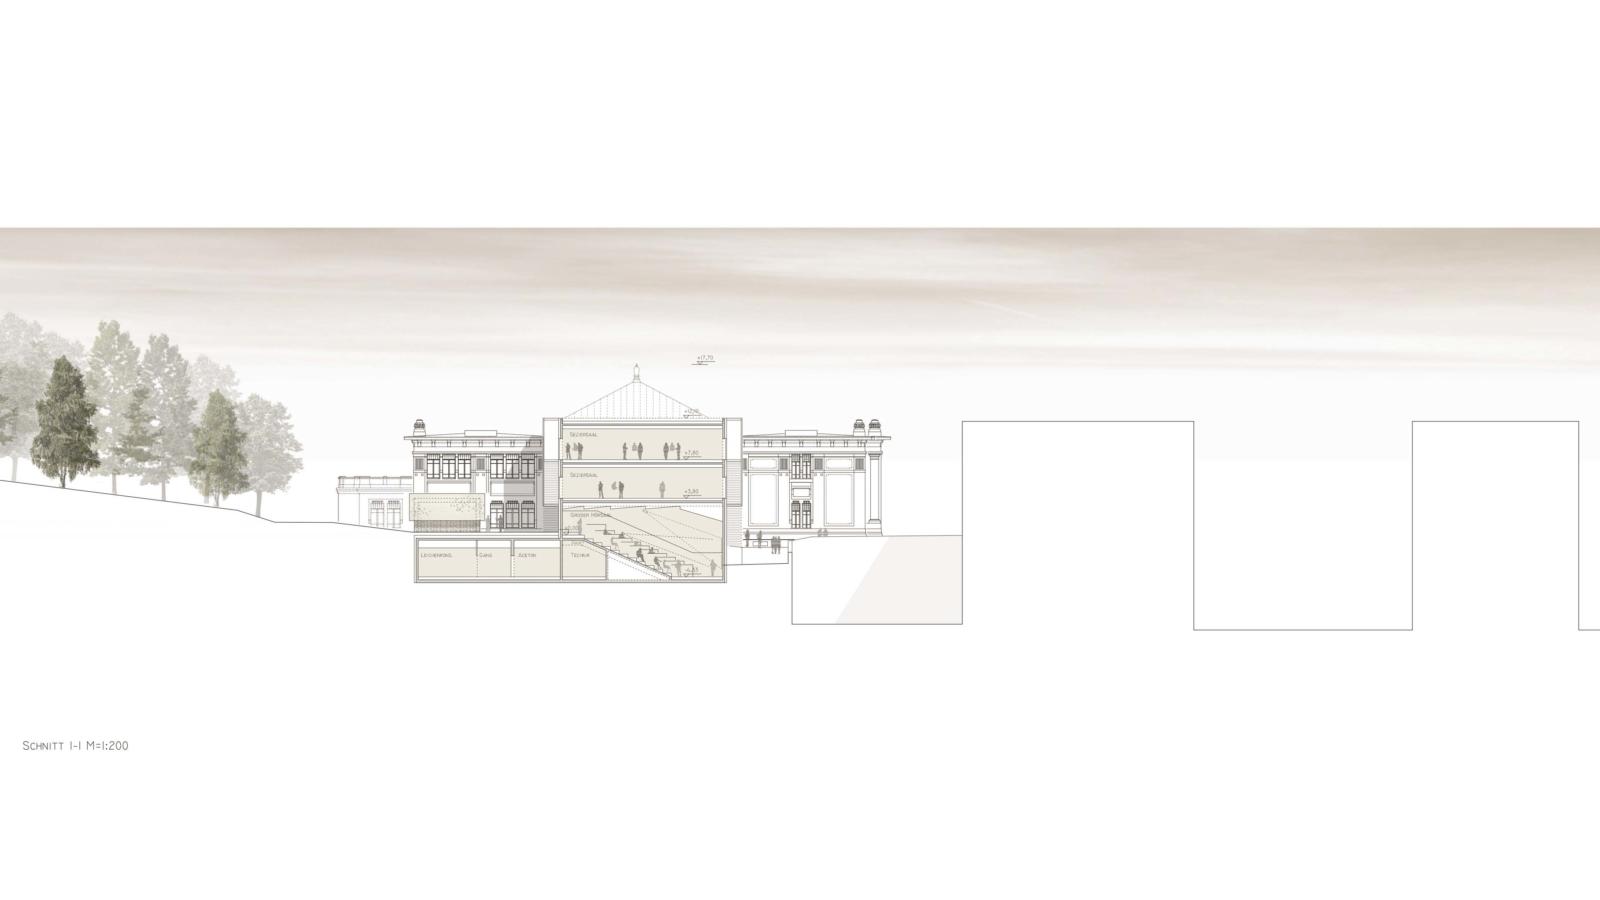 WETTBEWERB meduni Graz ANATOMIE_Grundriss schnitt1